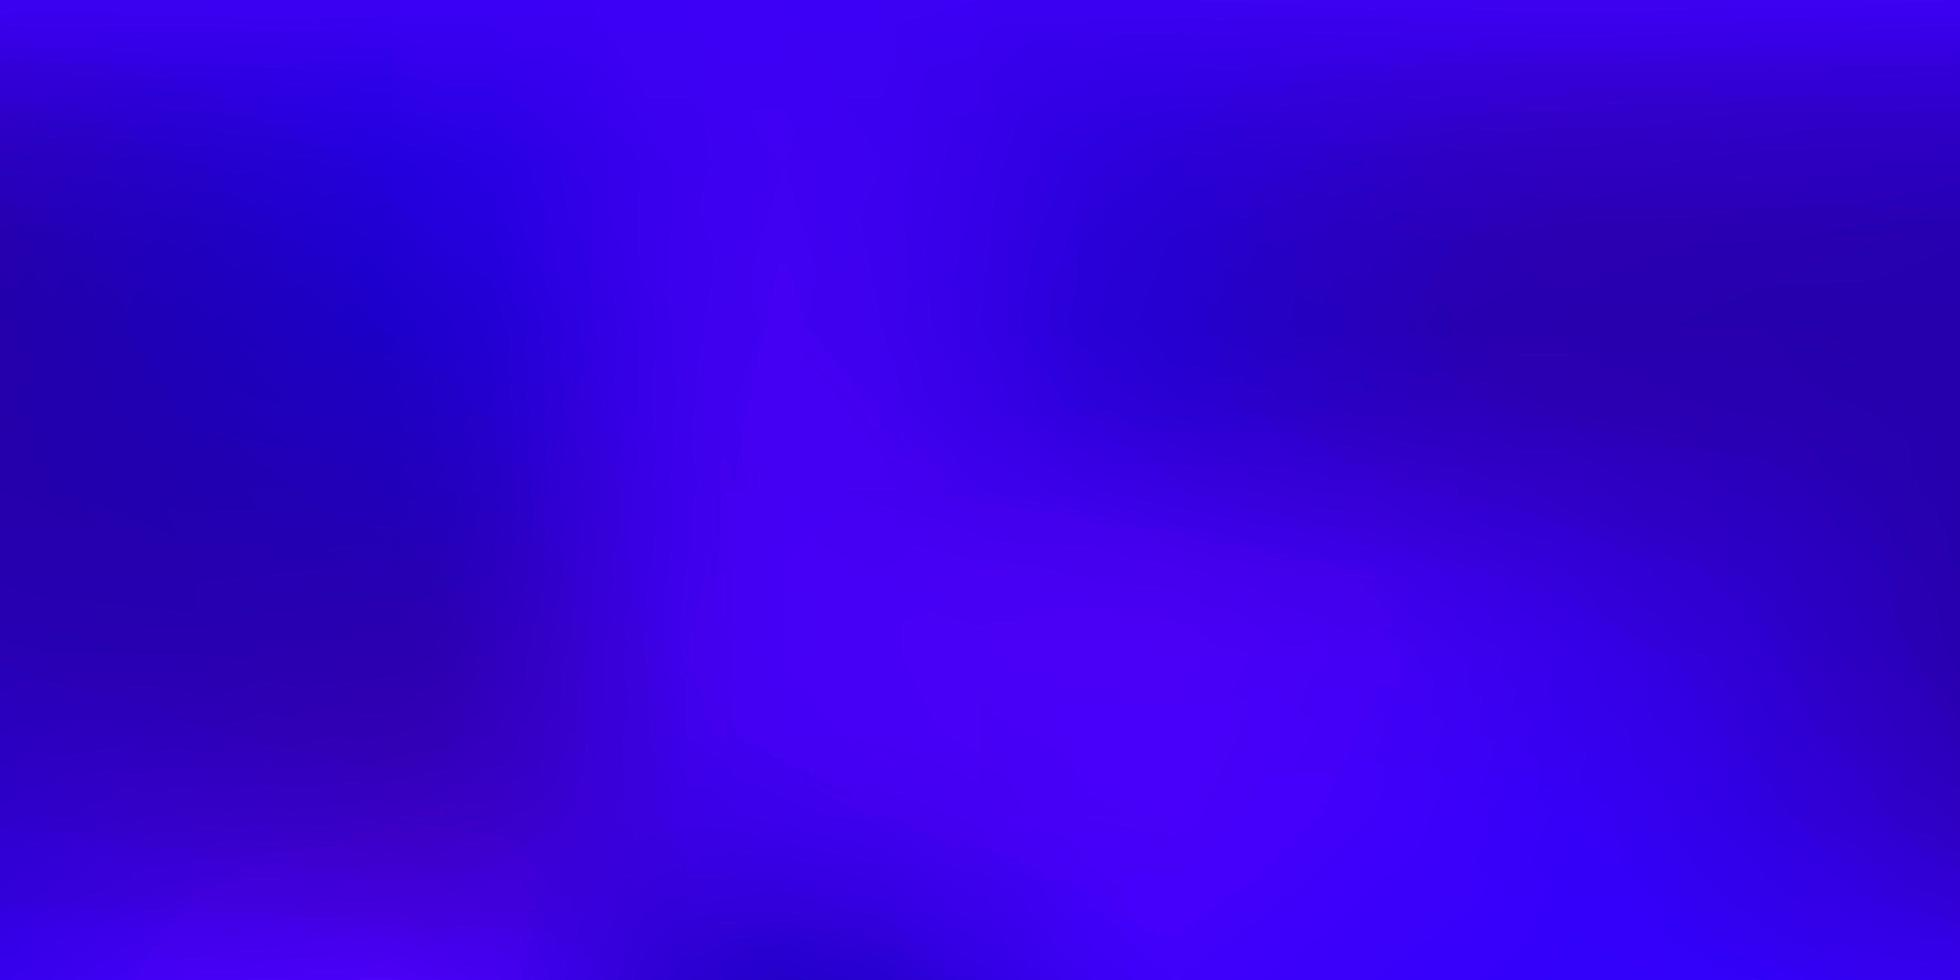 mörkblå suddig bakgrund vektor